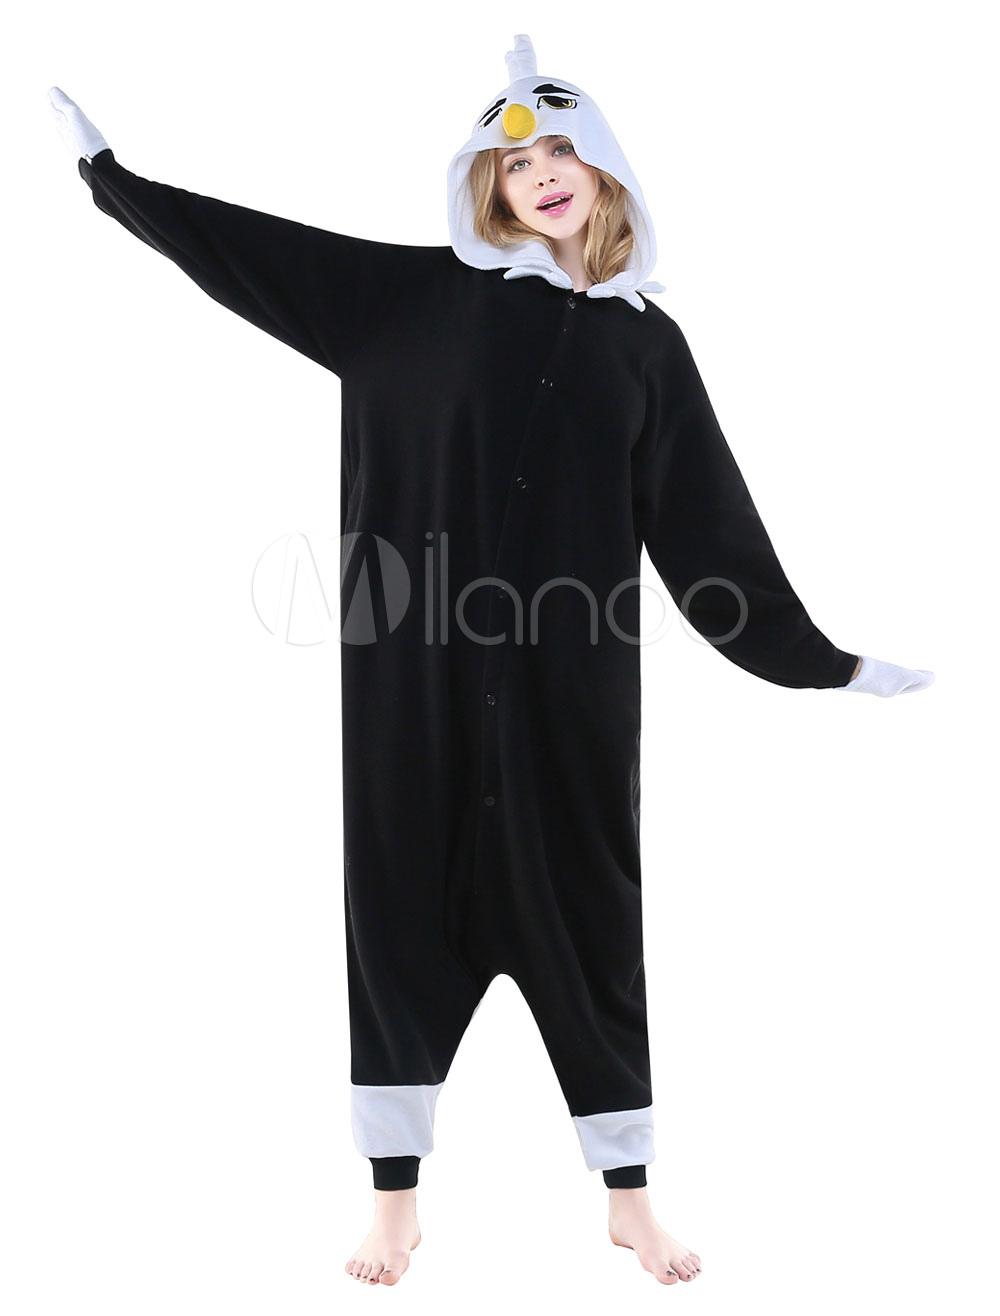 183d9a61170 Kigurumi Pajama Black Eagle Onesie Adults Flannel Unisex Sleepwear Costume  Halloween photo